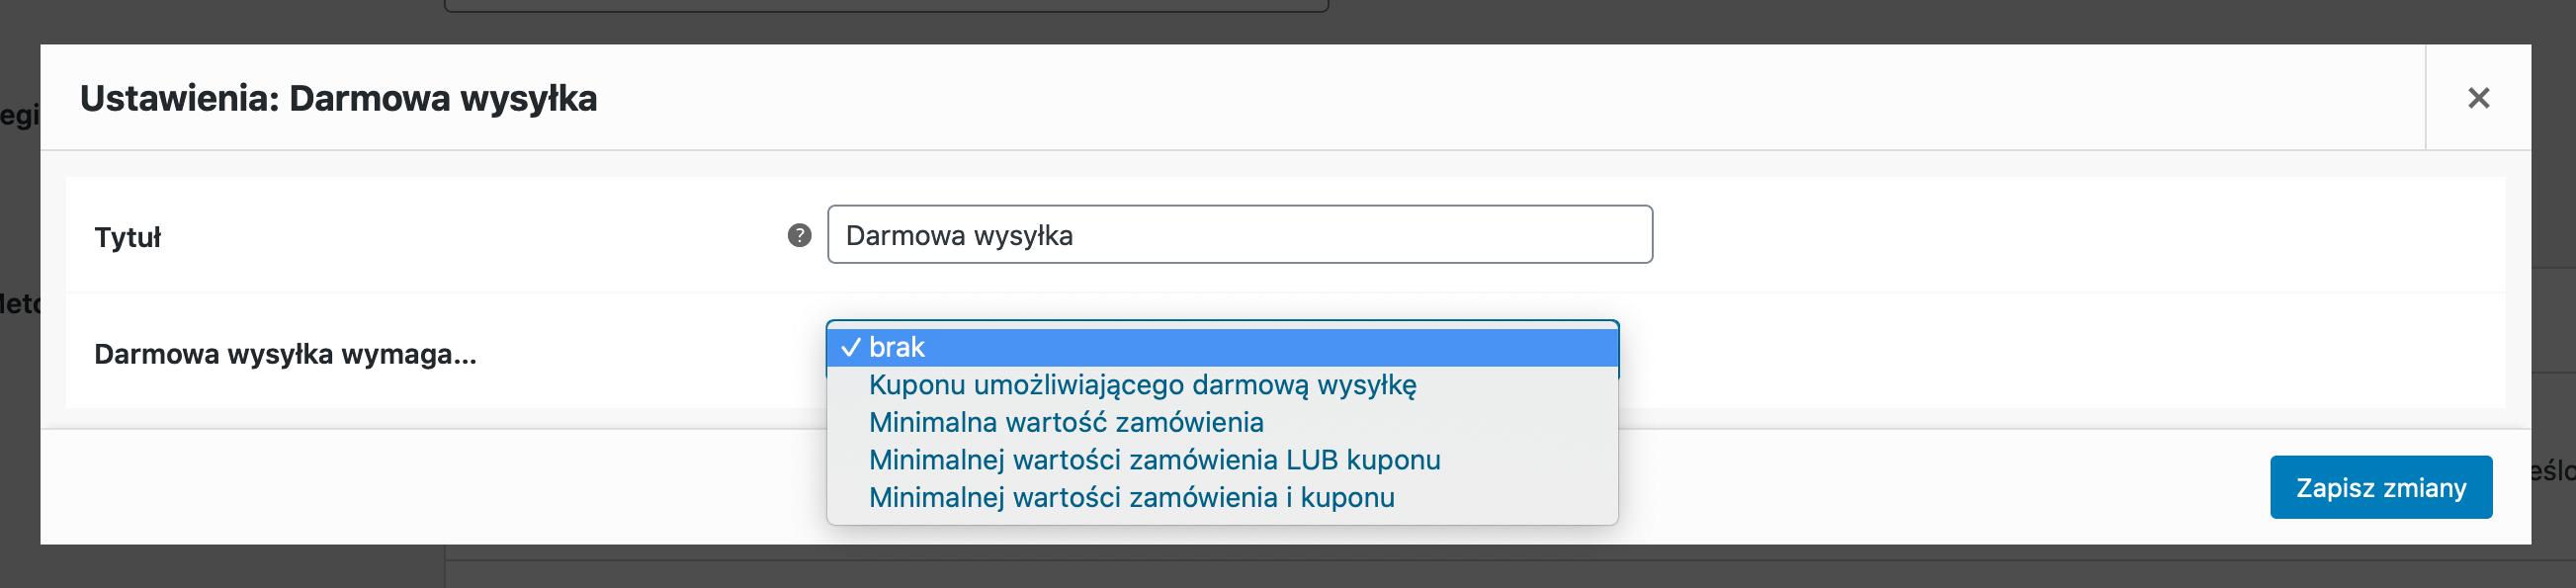 Darmowa wysyłka w WooCommerce - Darmowa wysyłka ustawienia